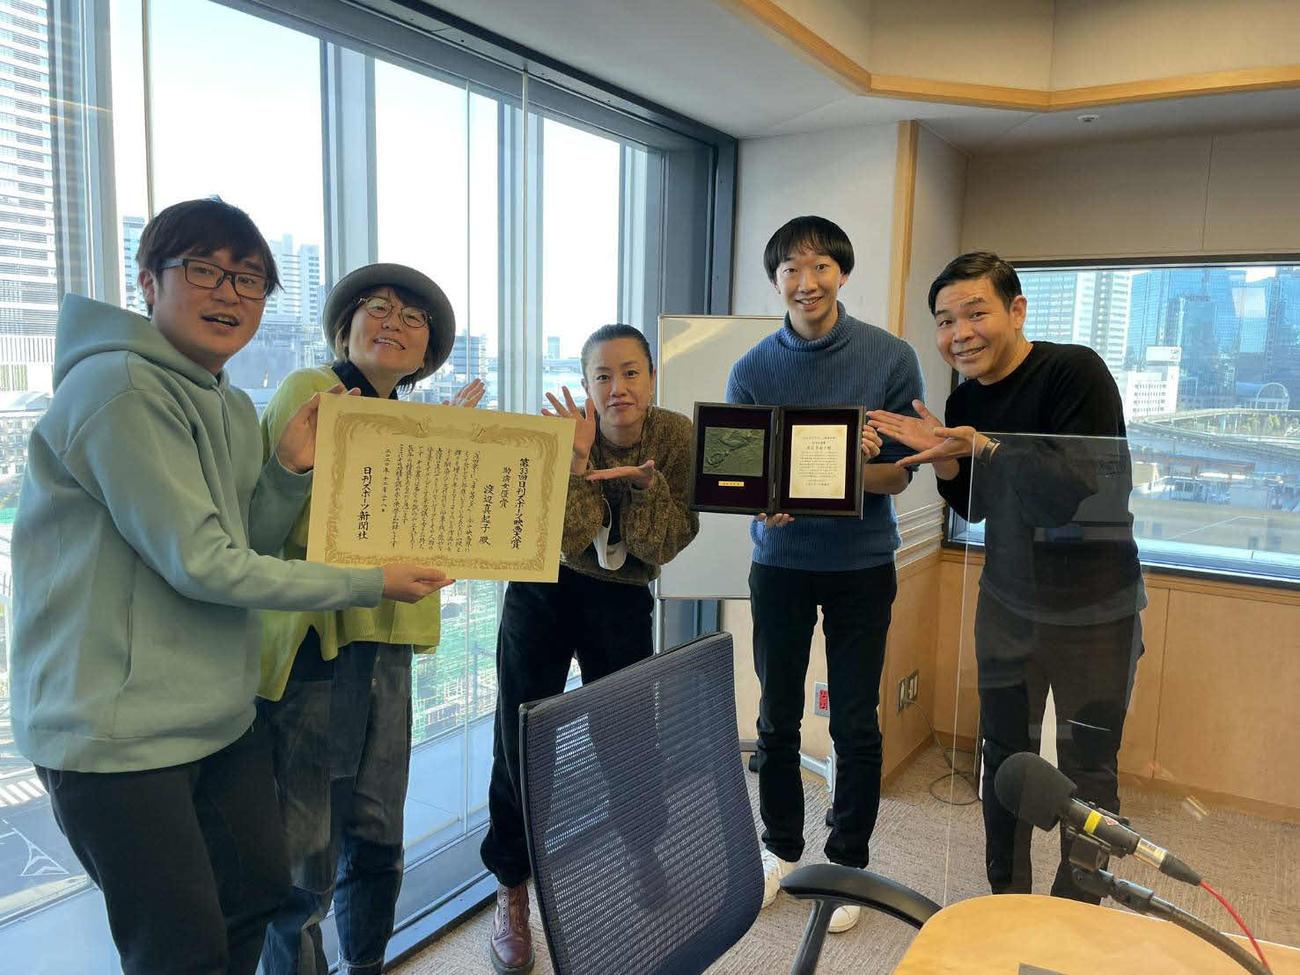 日刊スポーツ映画大賞で助演女優賞を受賞した渡辺真起子(中央)は光浦靖子(左から2人目)に祝福された